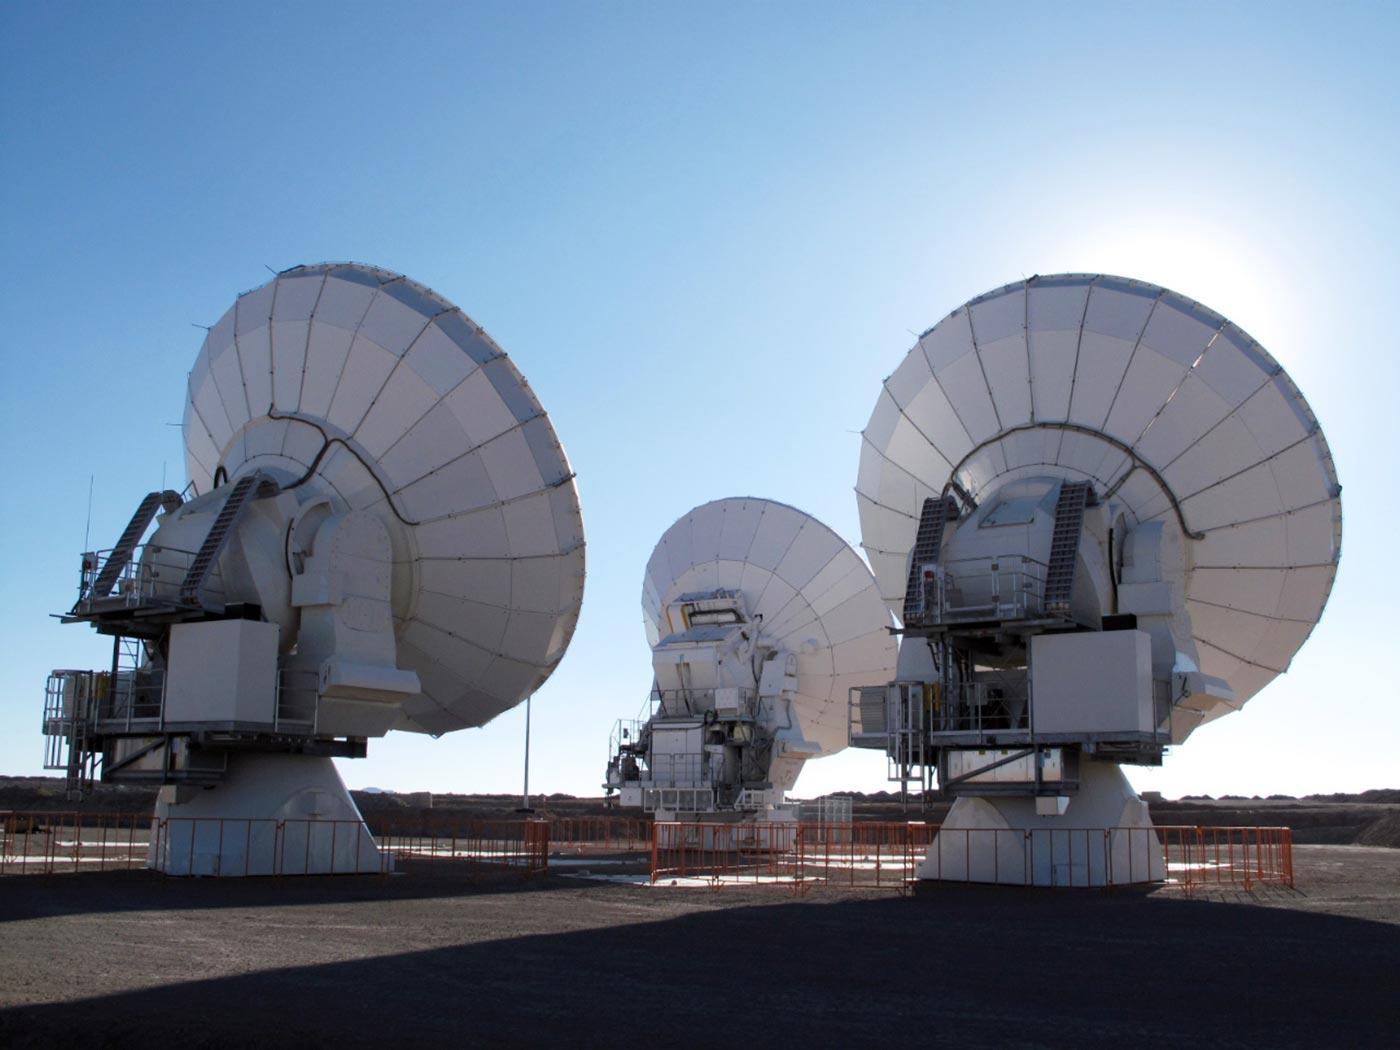 Three ALMA antennas.